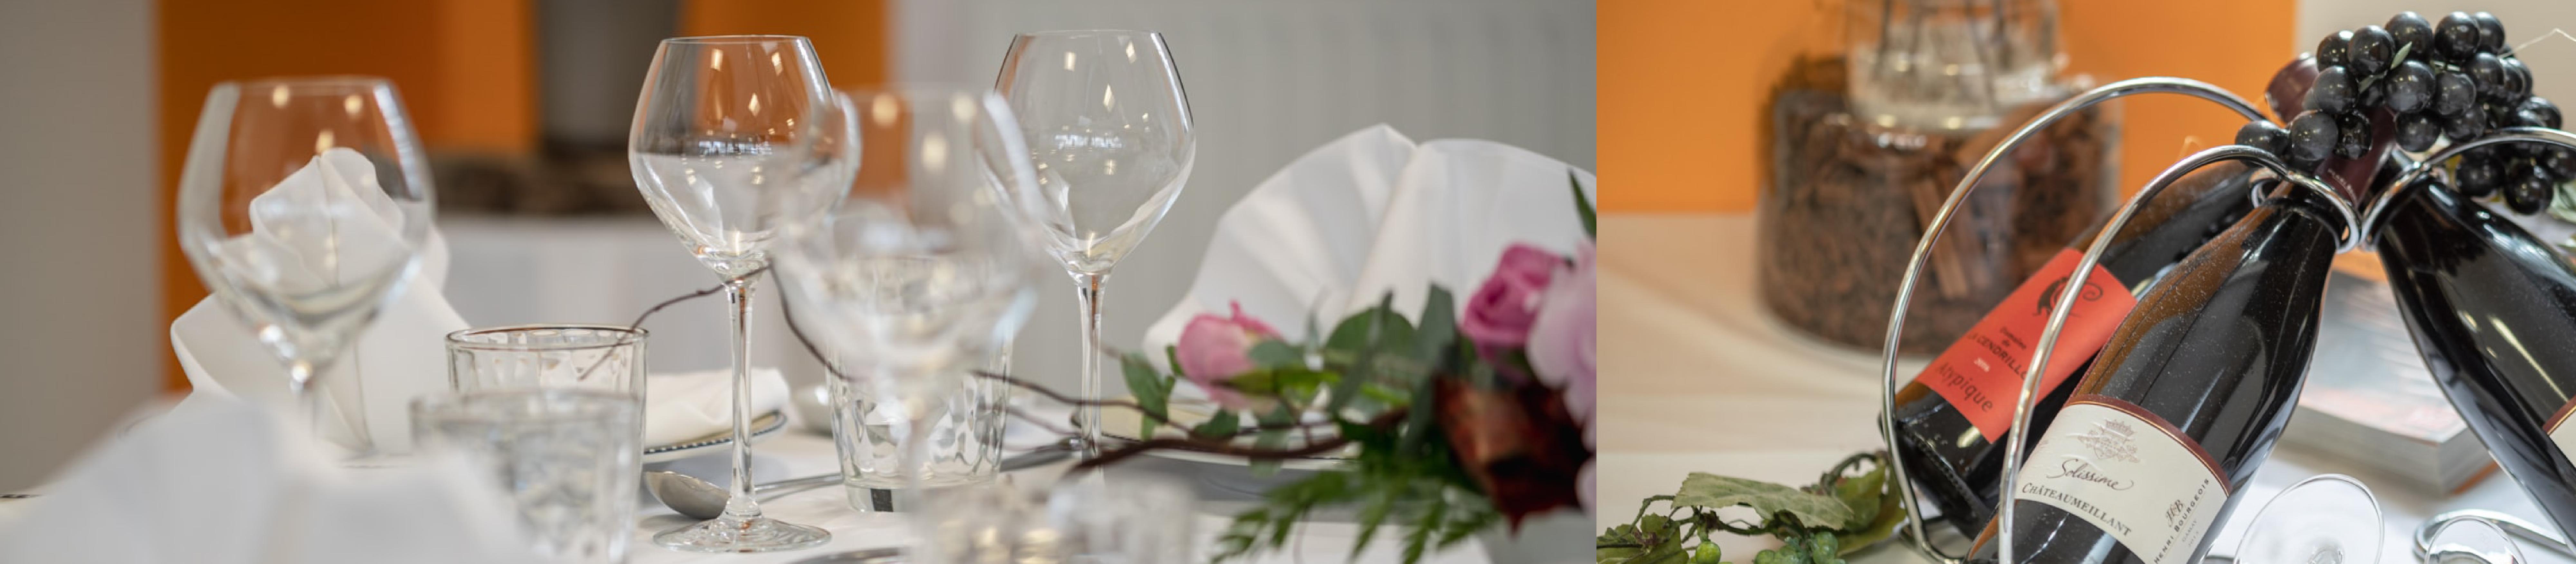 Soirée Oenologique : Repas avec dégustation de vin en accord avec les mets - Jeudi 17 octobre - Interfor Formation Continue